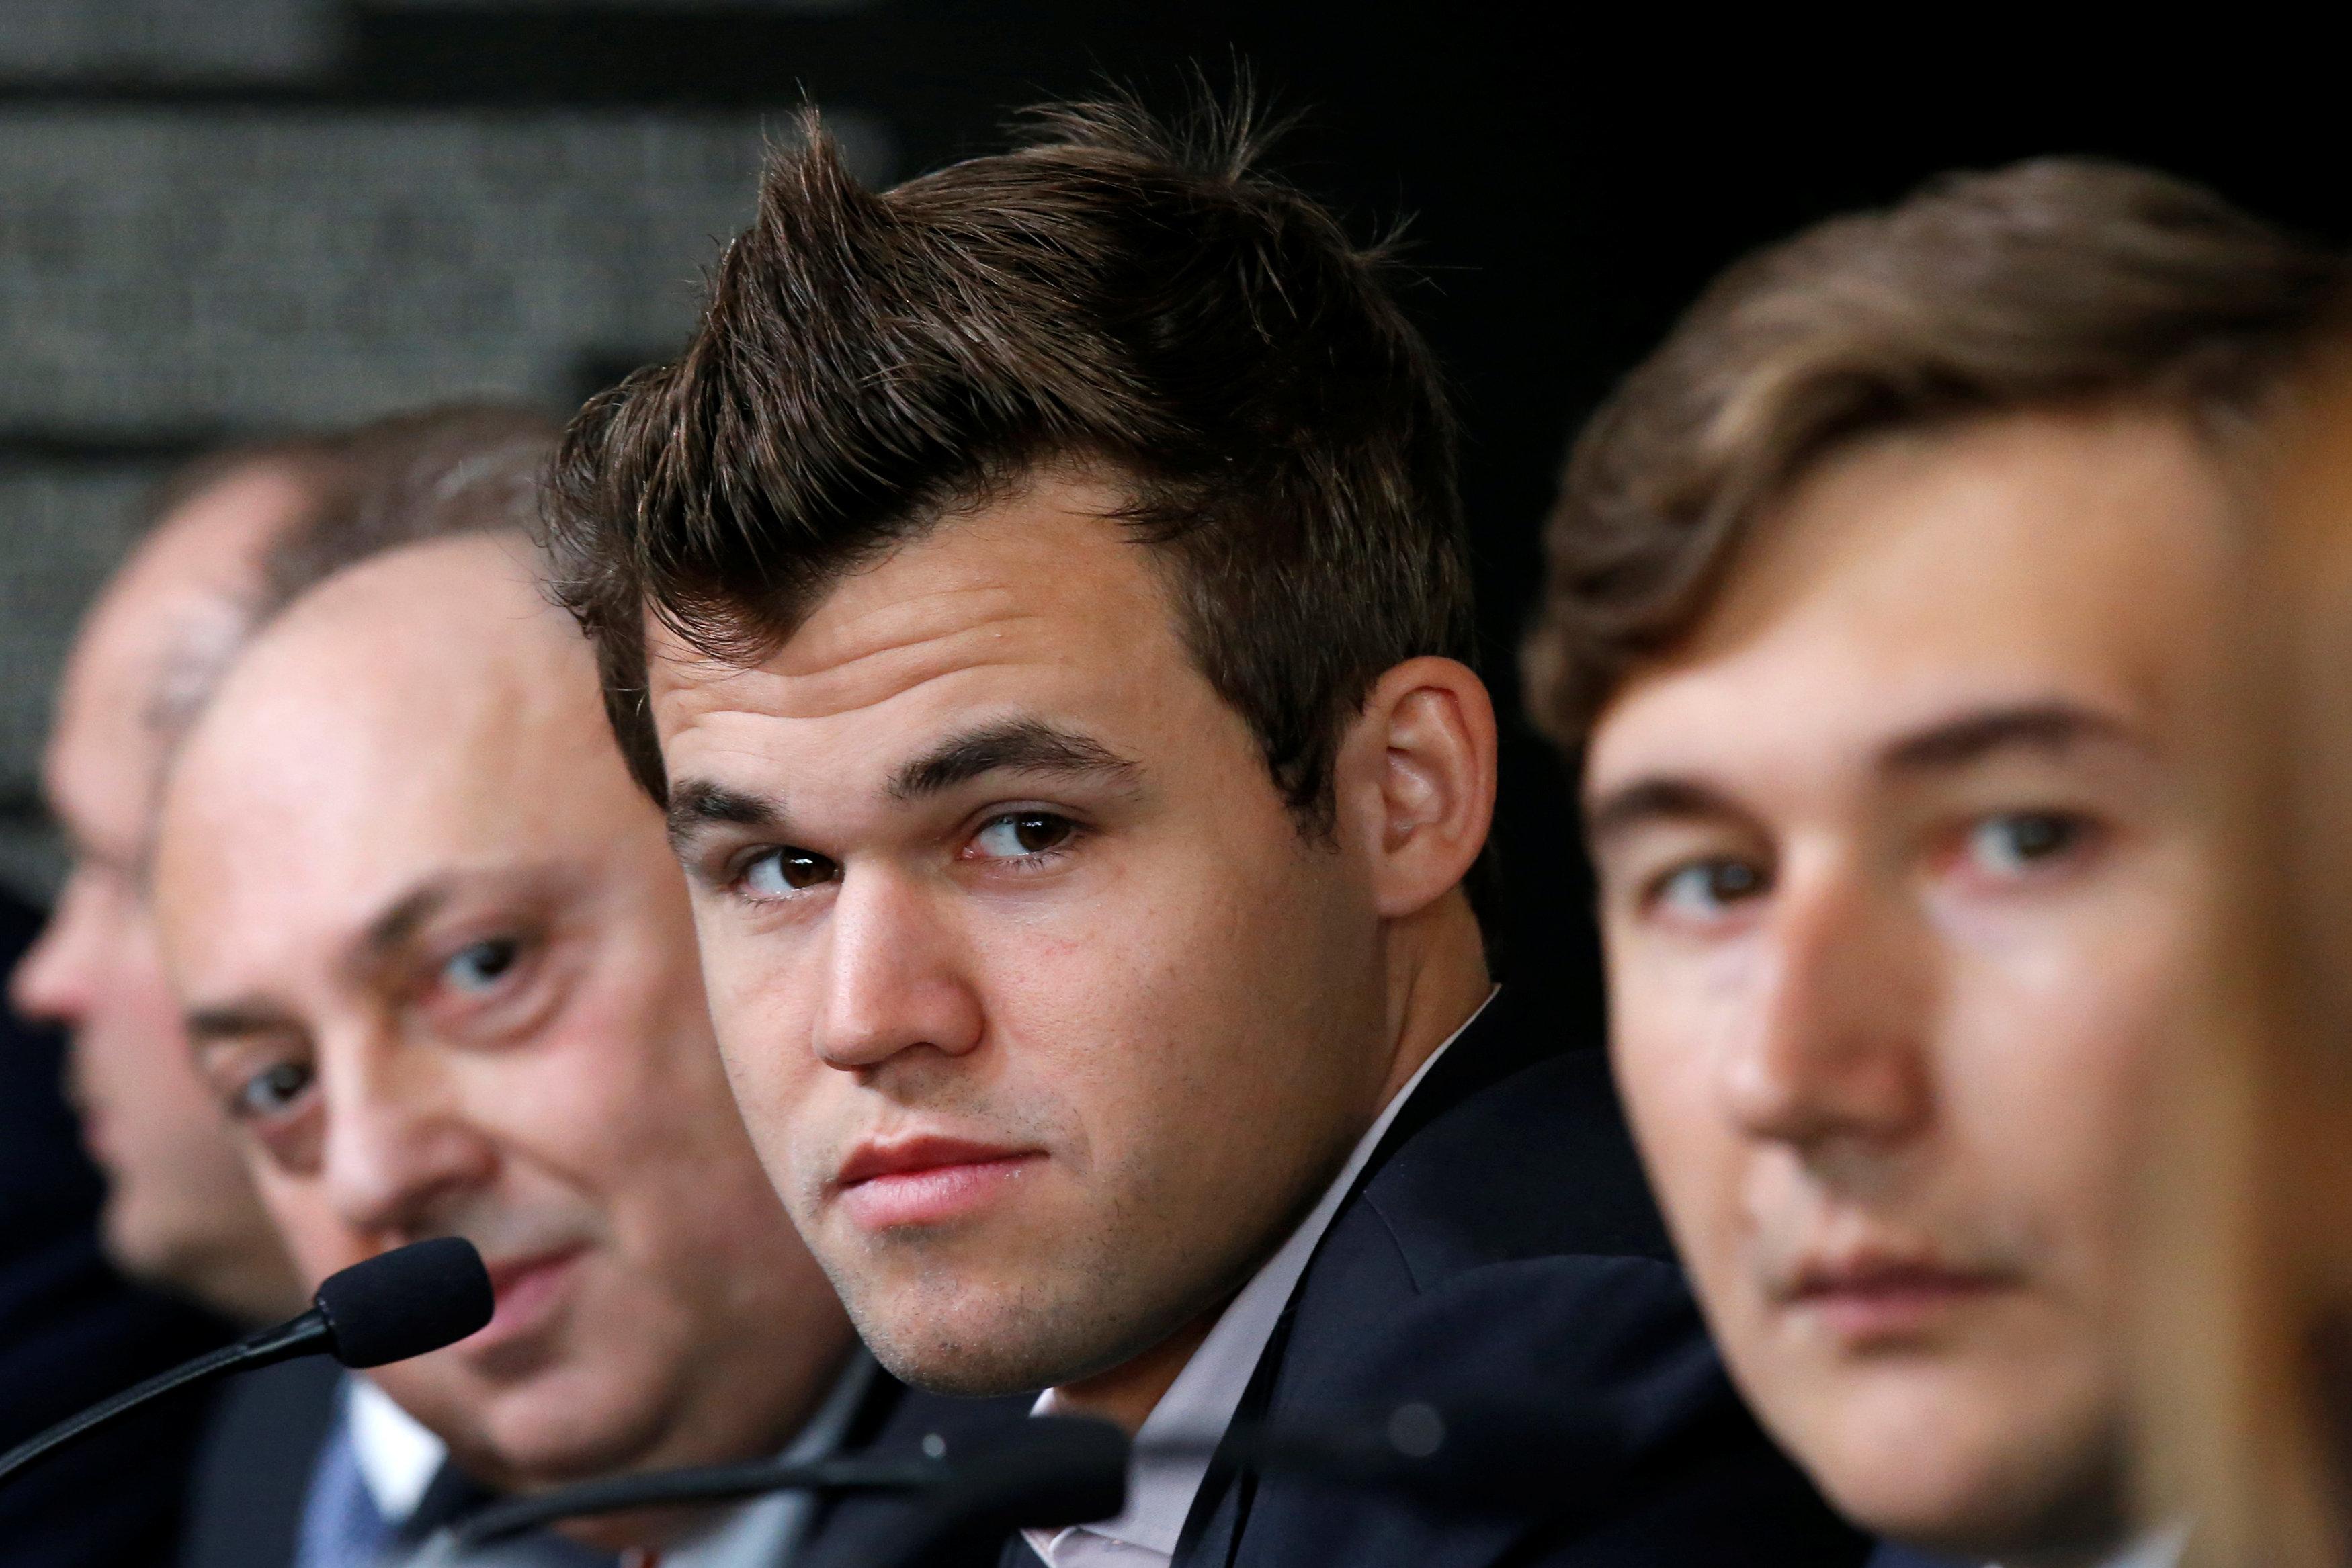 Судьба поединка решится в 12-й партии матча Карякин - Карлсен.